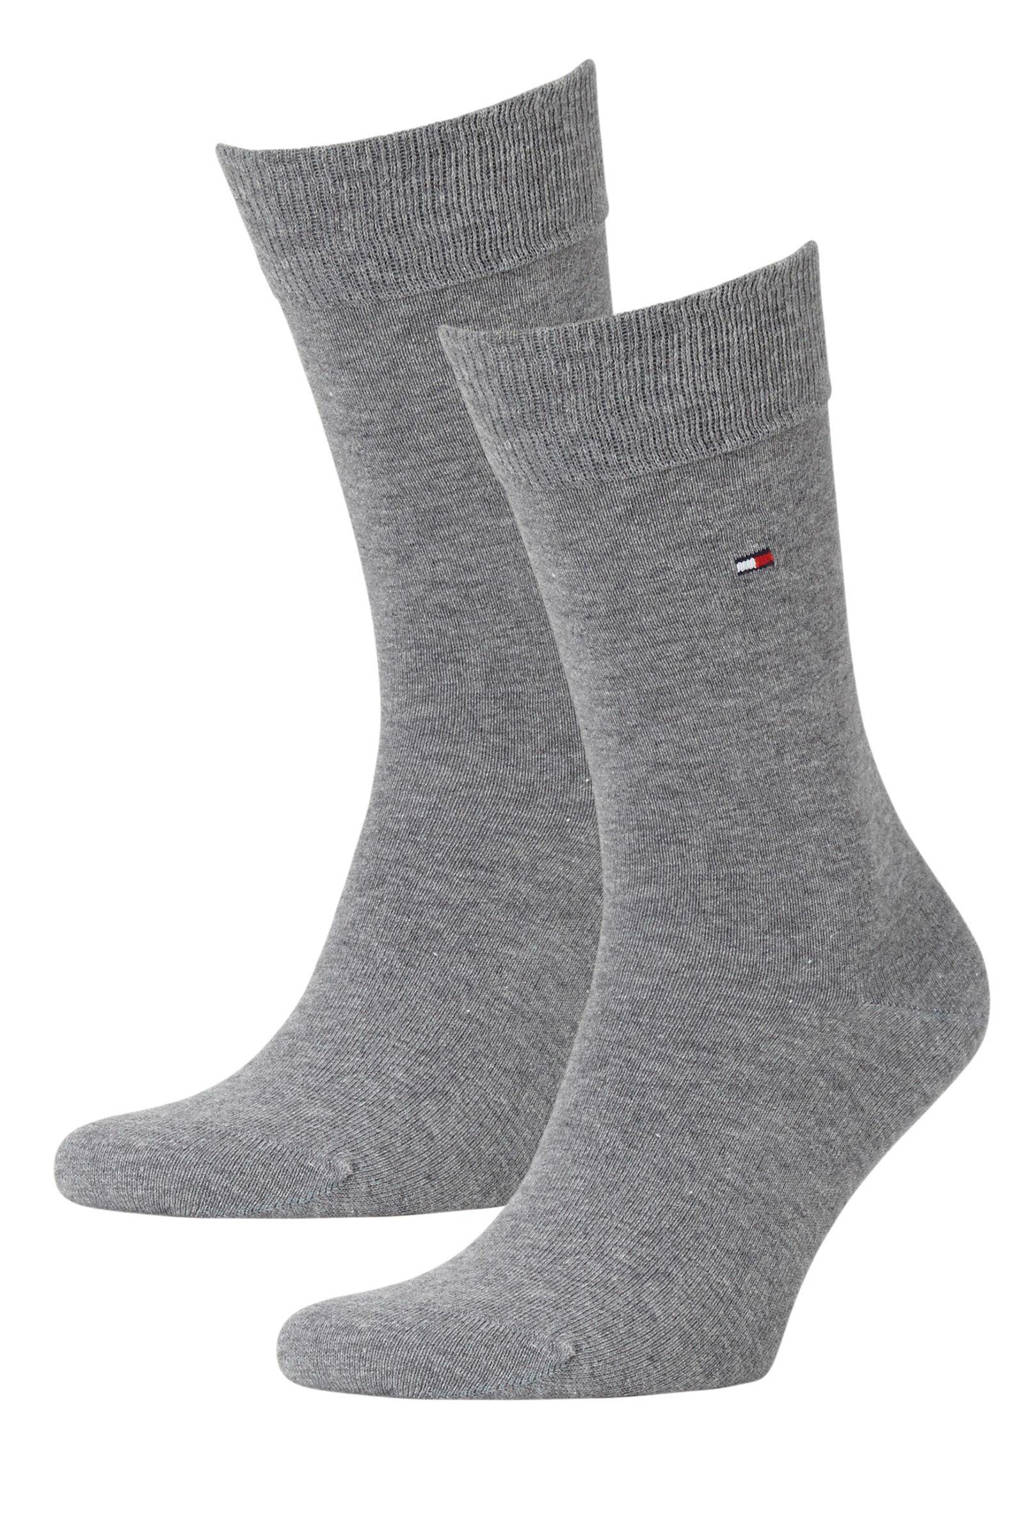 Tommy Hilfiger sokken (2 paar), Grijs